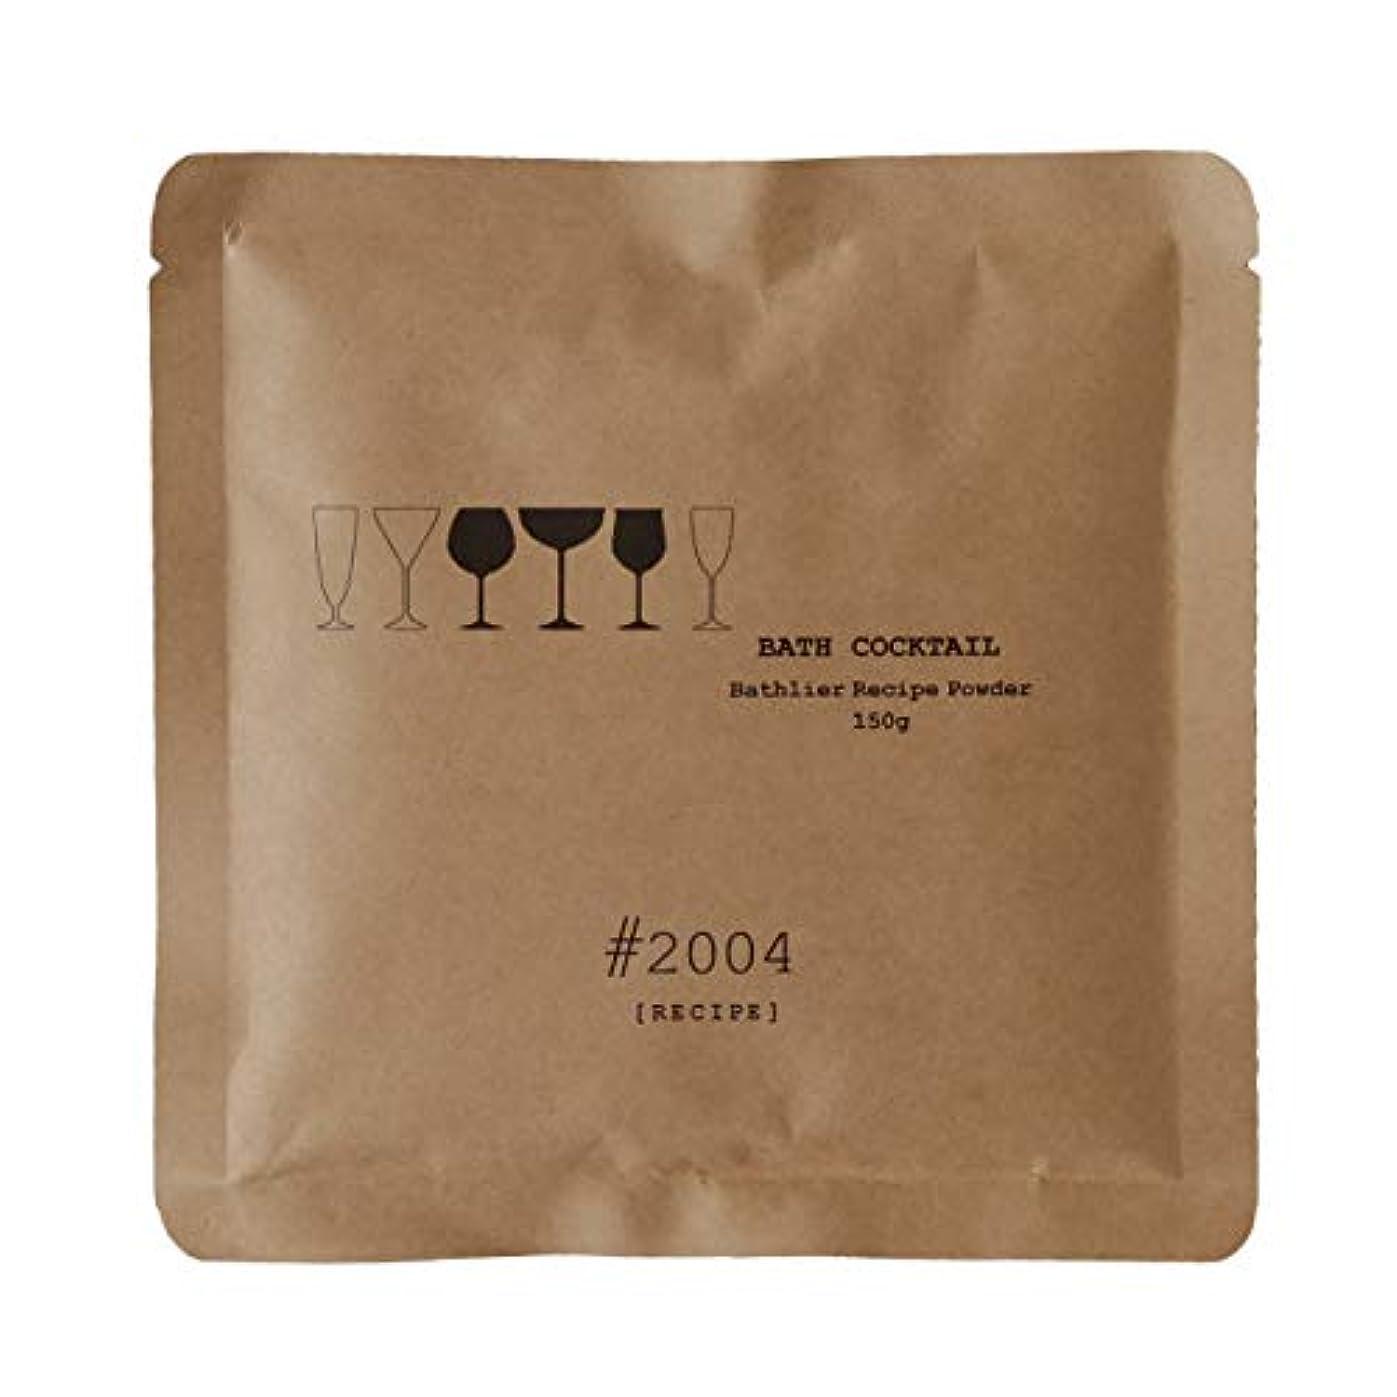 ウミウシのスコアアラート入浴剤「Bathlier(バスリエ)バスカクテル」バスリエレシピパウダー(150g)#2004